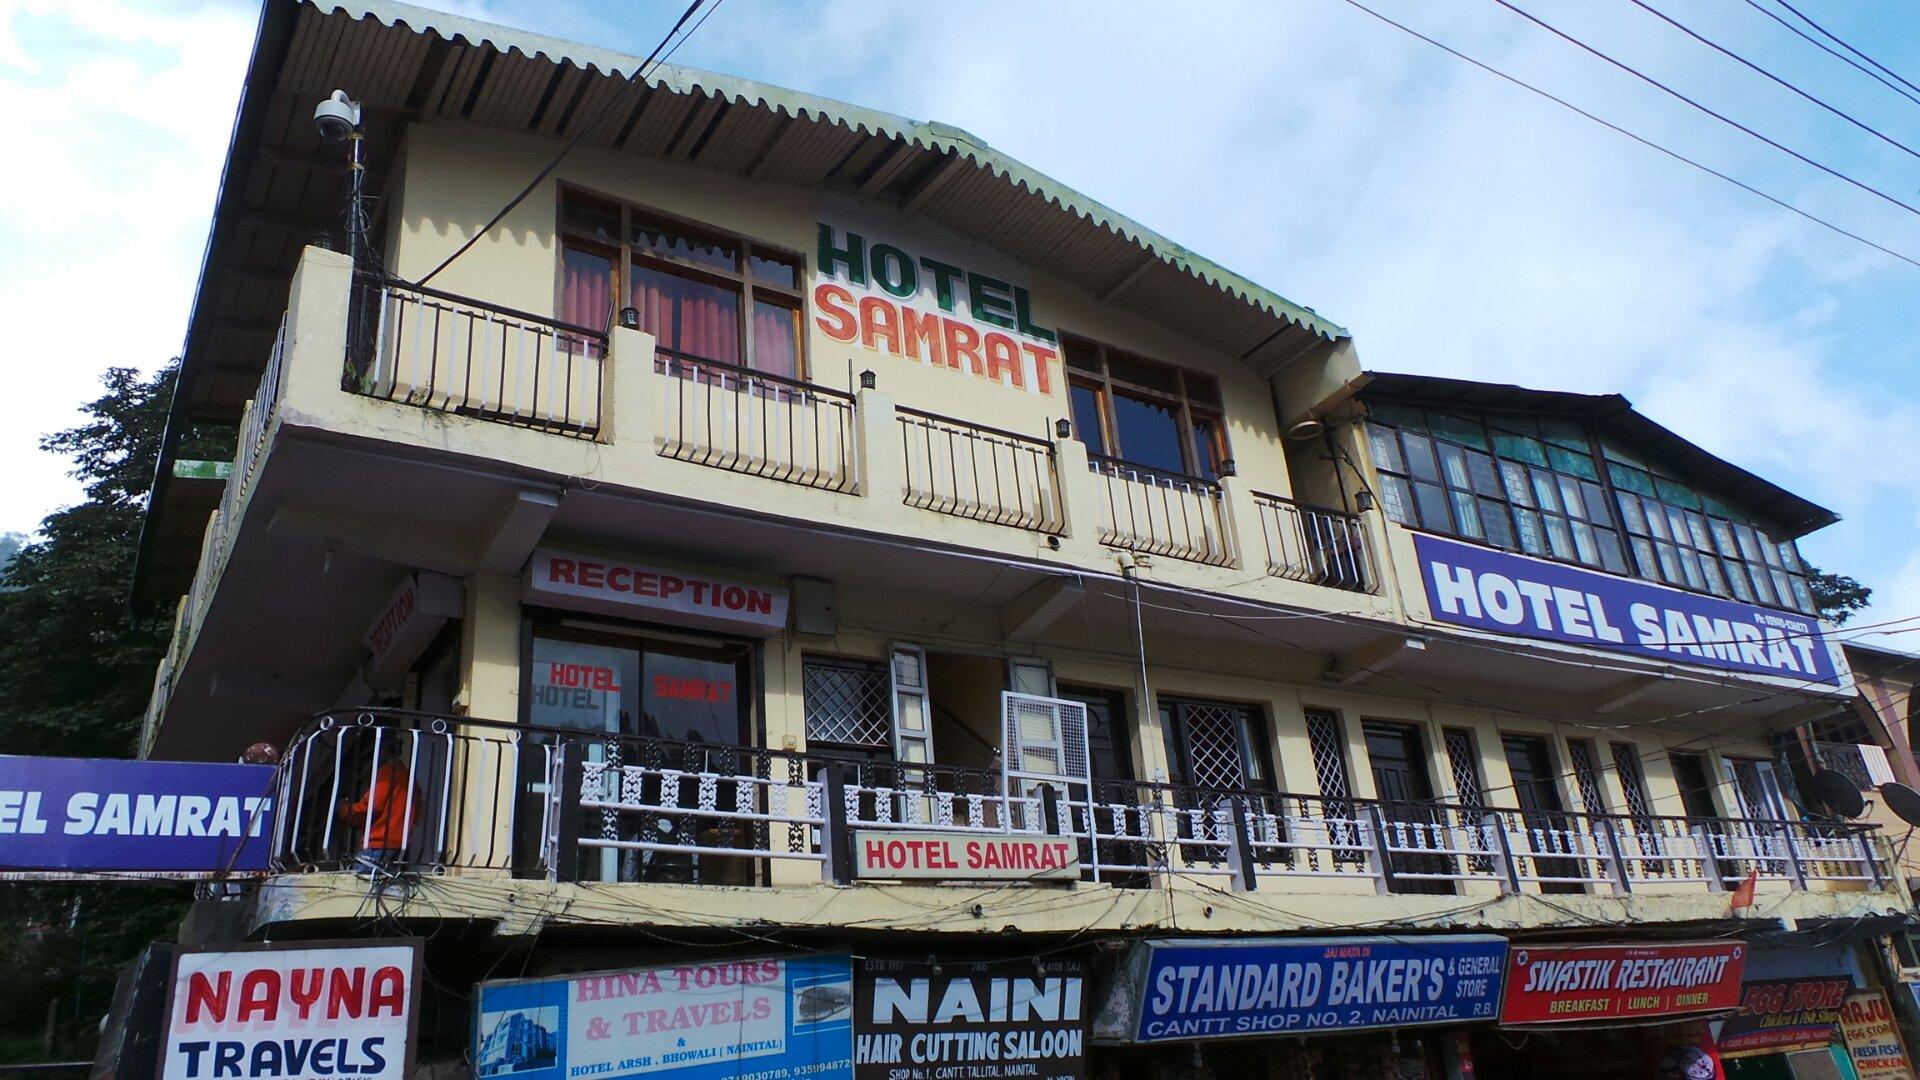 Hotel Samrat in Nainital